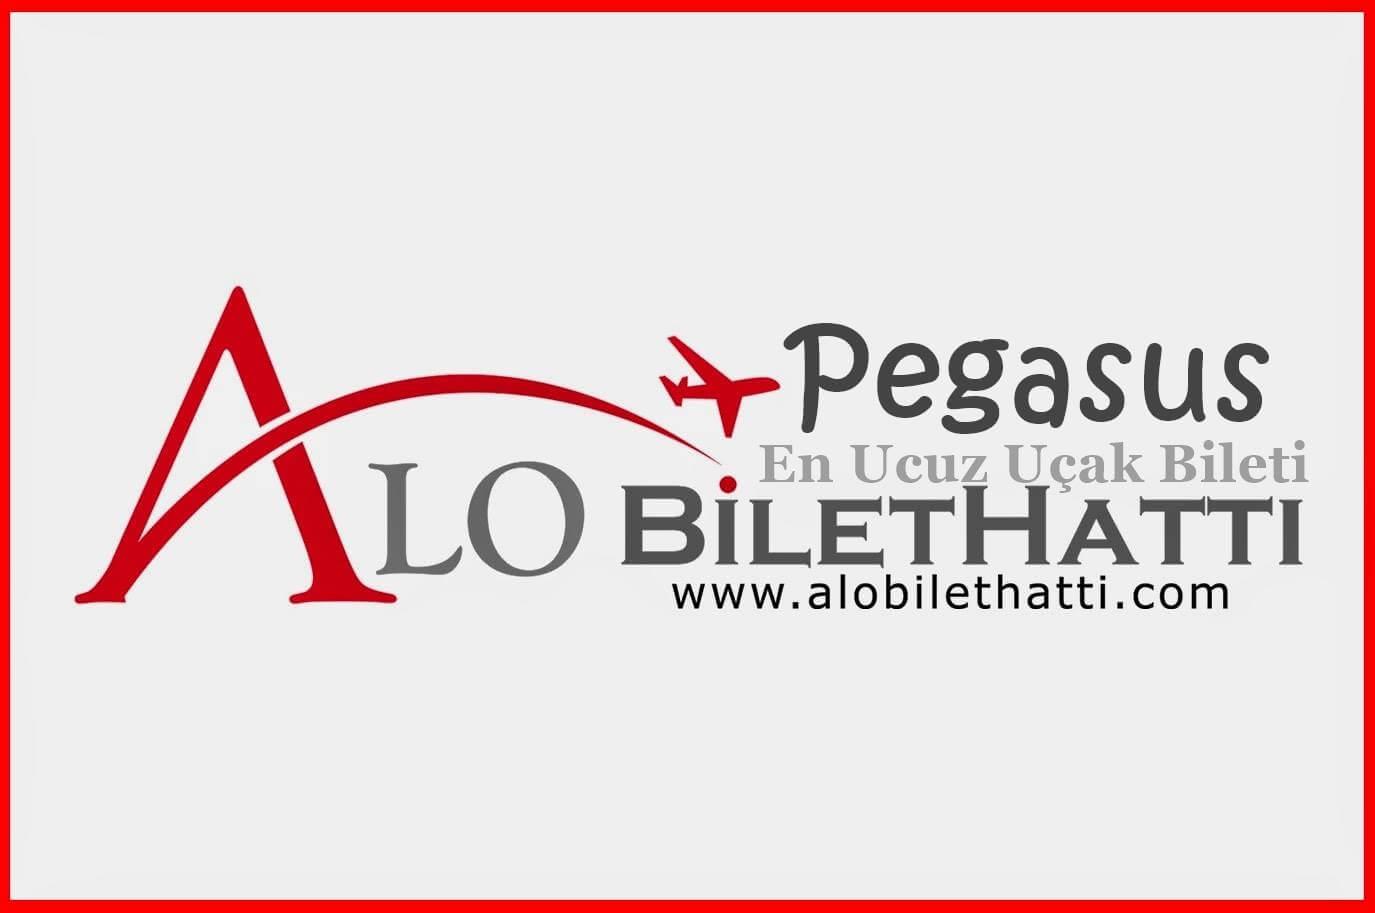 Pegasus Uçak Biletilerini Uygun Fiyata Almak!